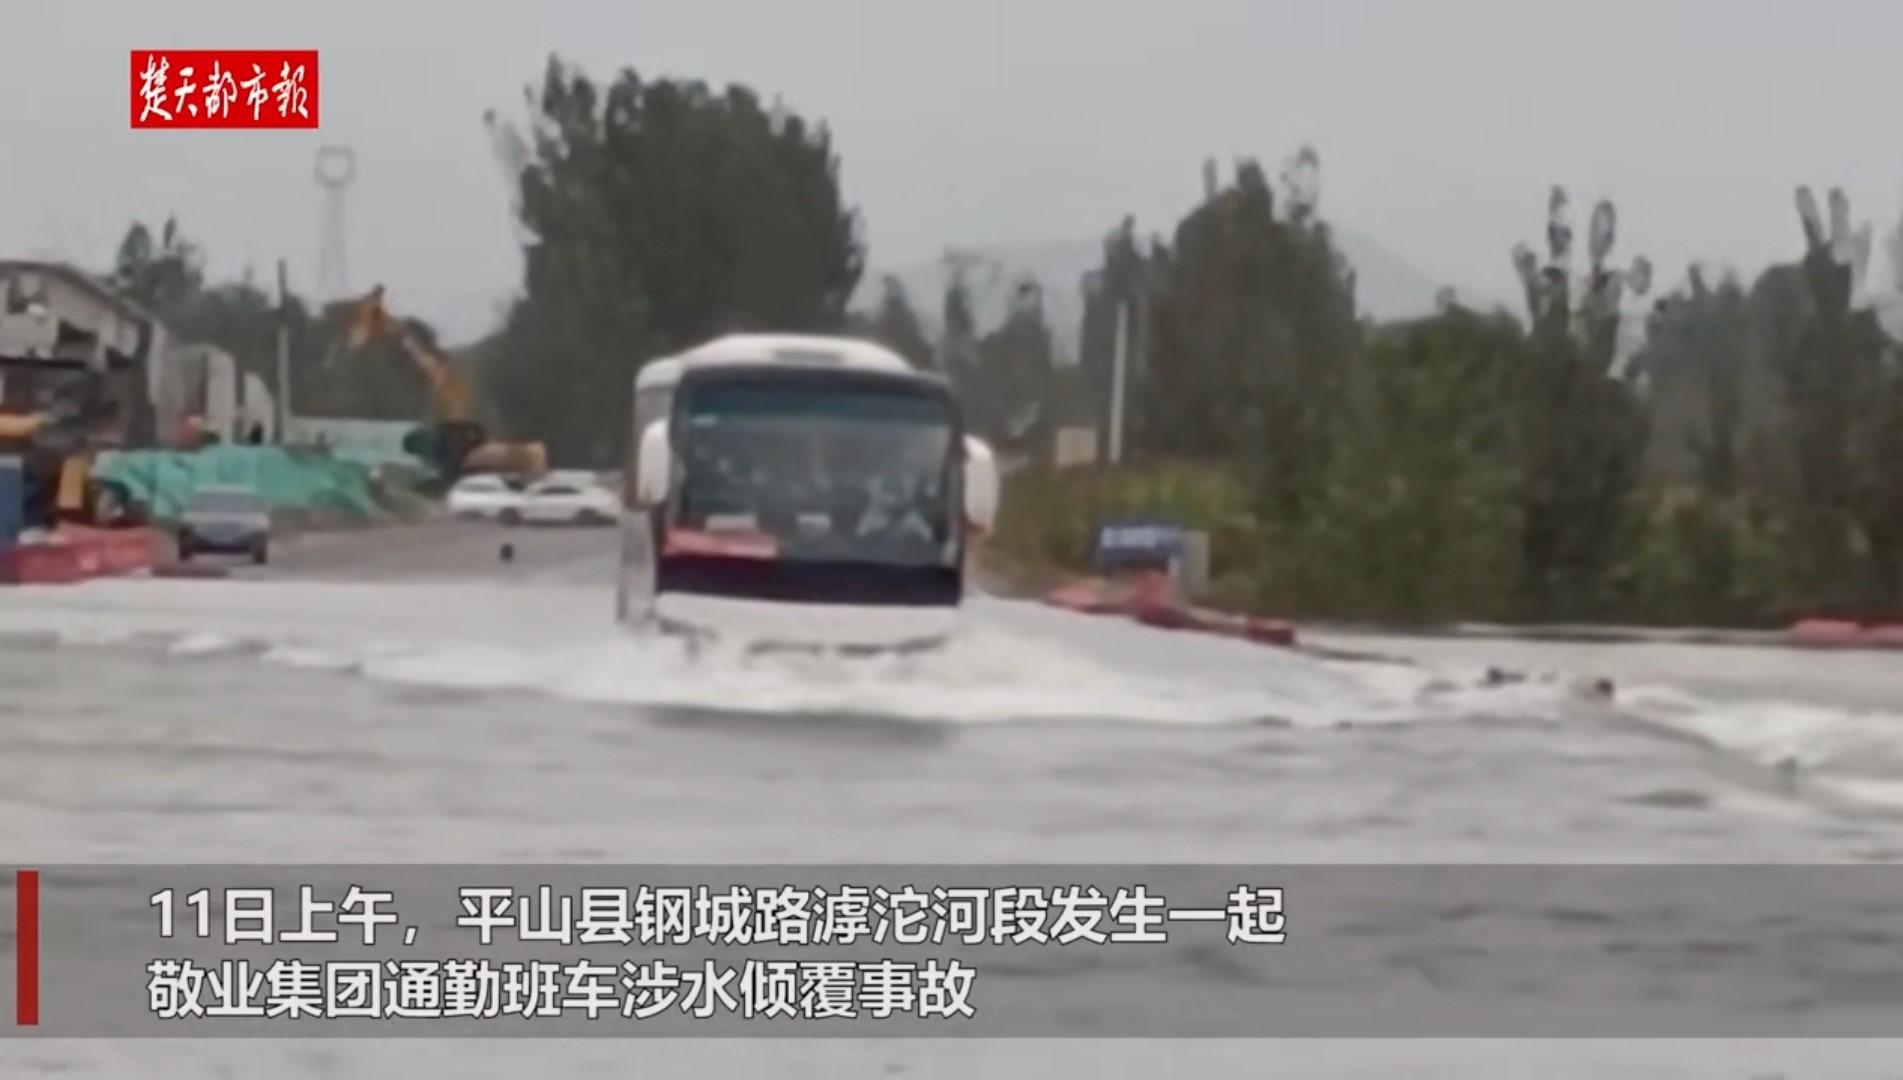 平山县大巴涉水